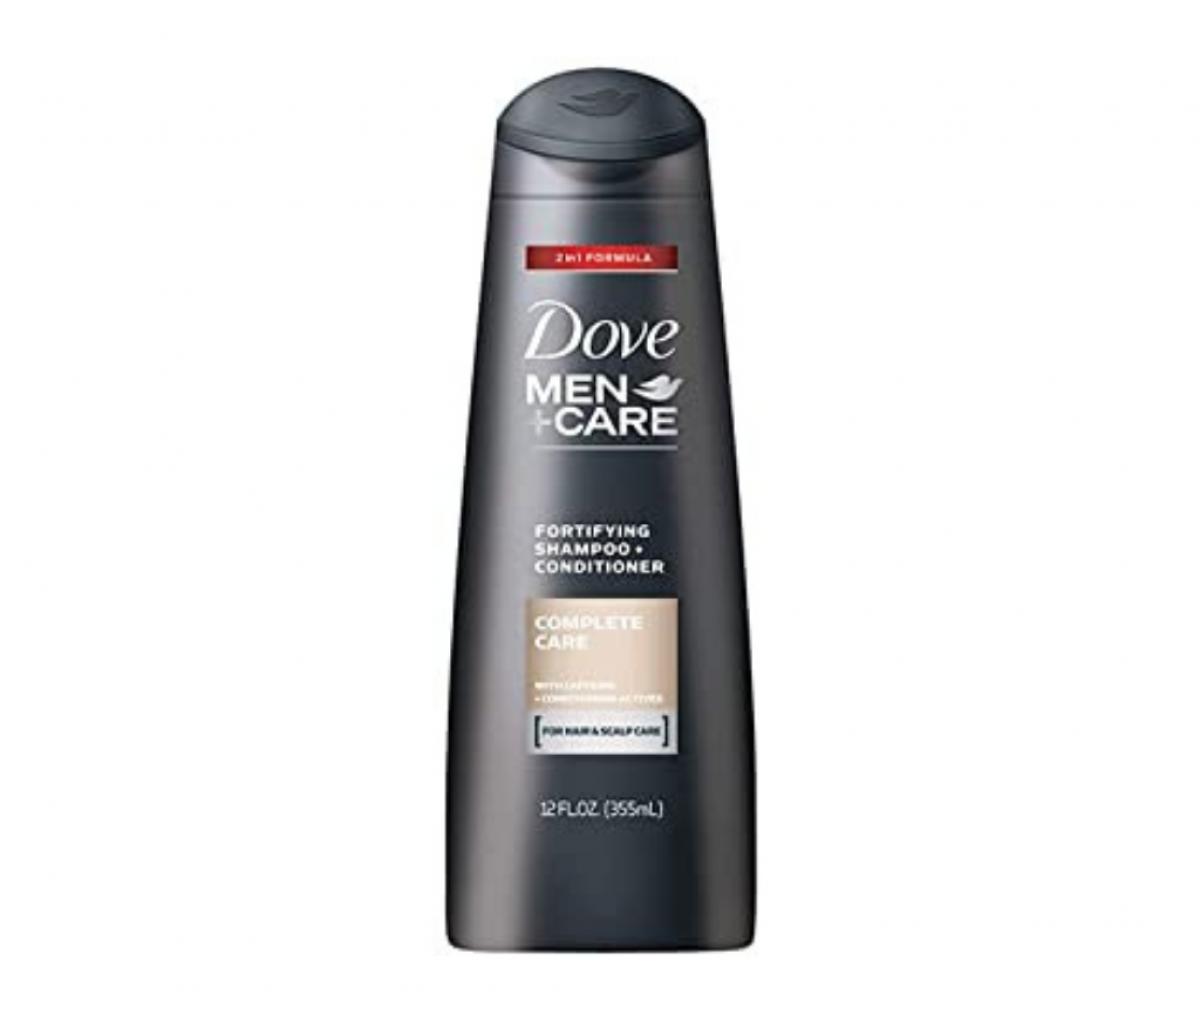 Dove 12oz 2in1 Complete Care Shampoo+Conditioner